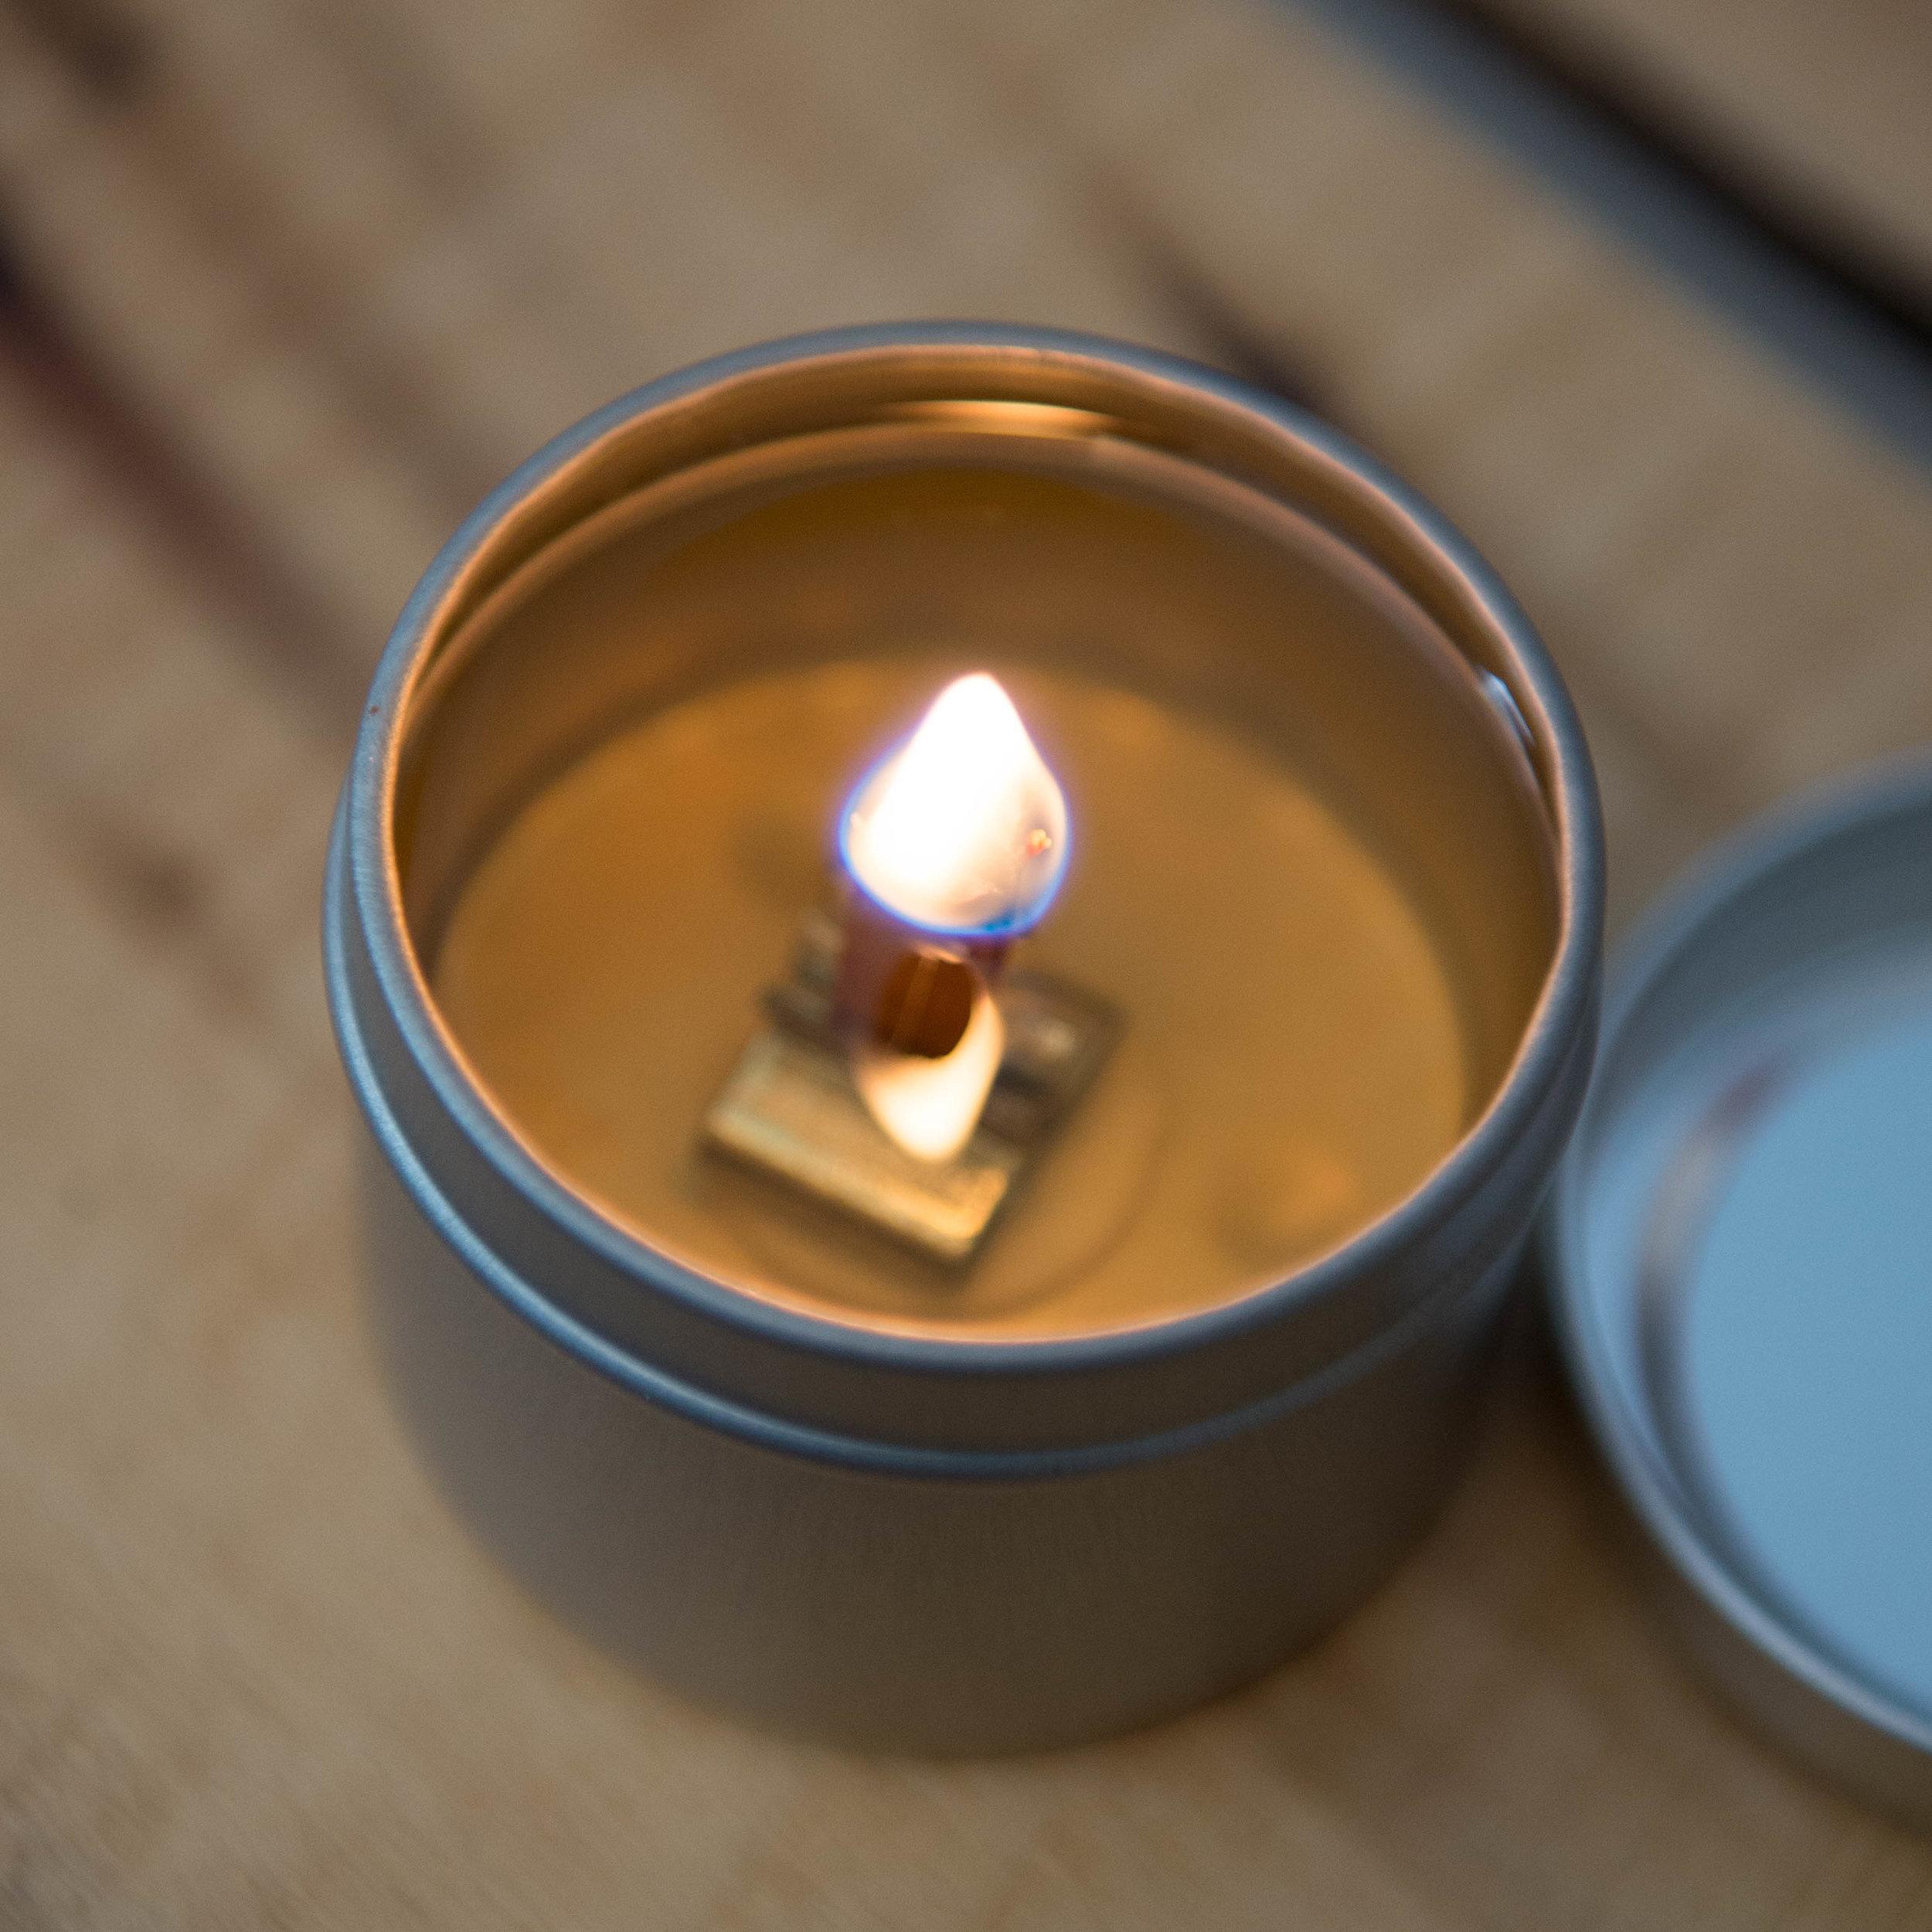 865 Candle Company Burning 2 oz. Tin Soy Candle